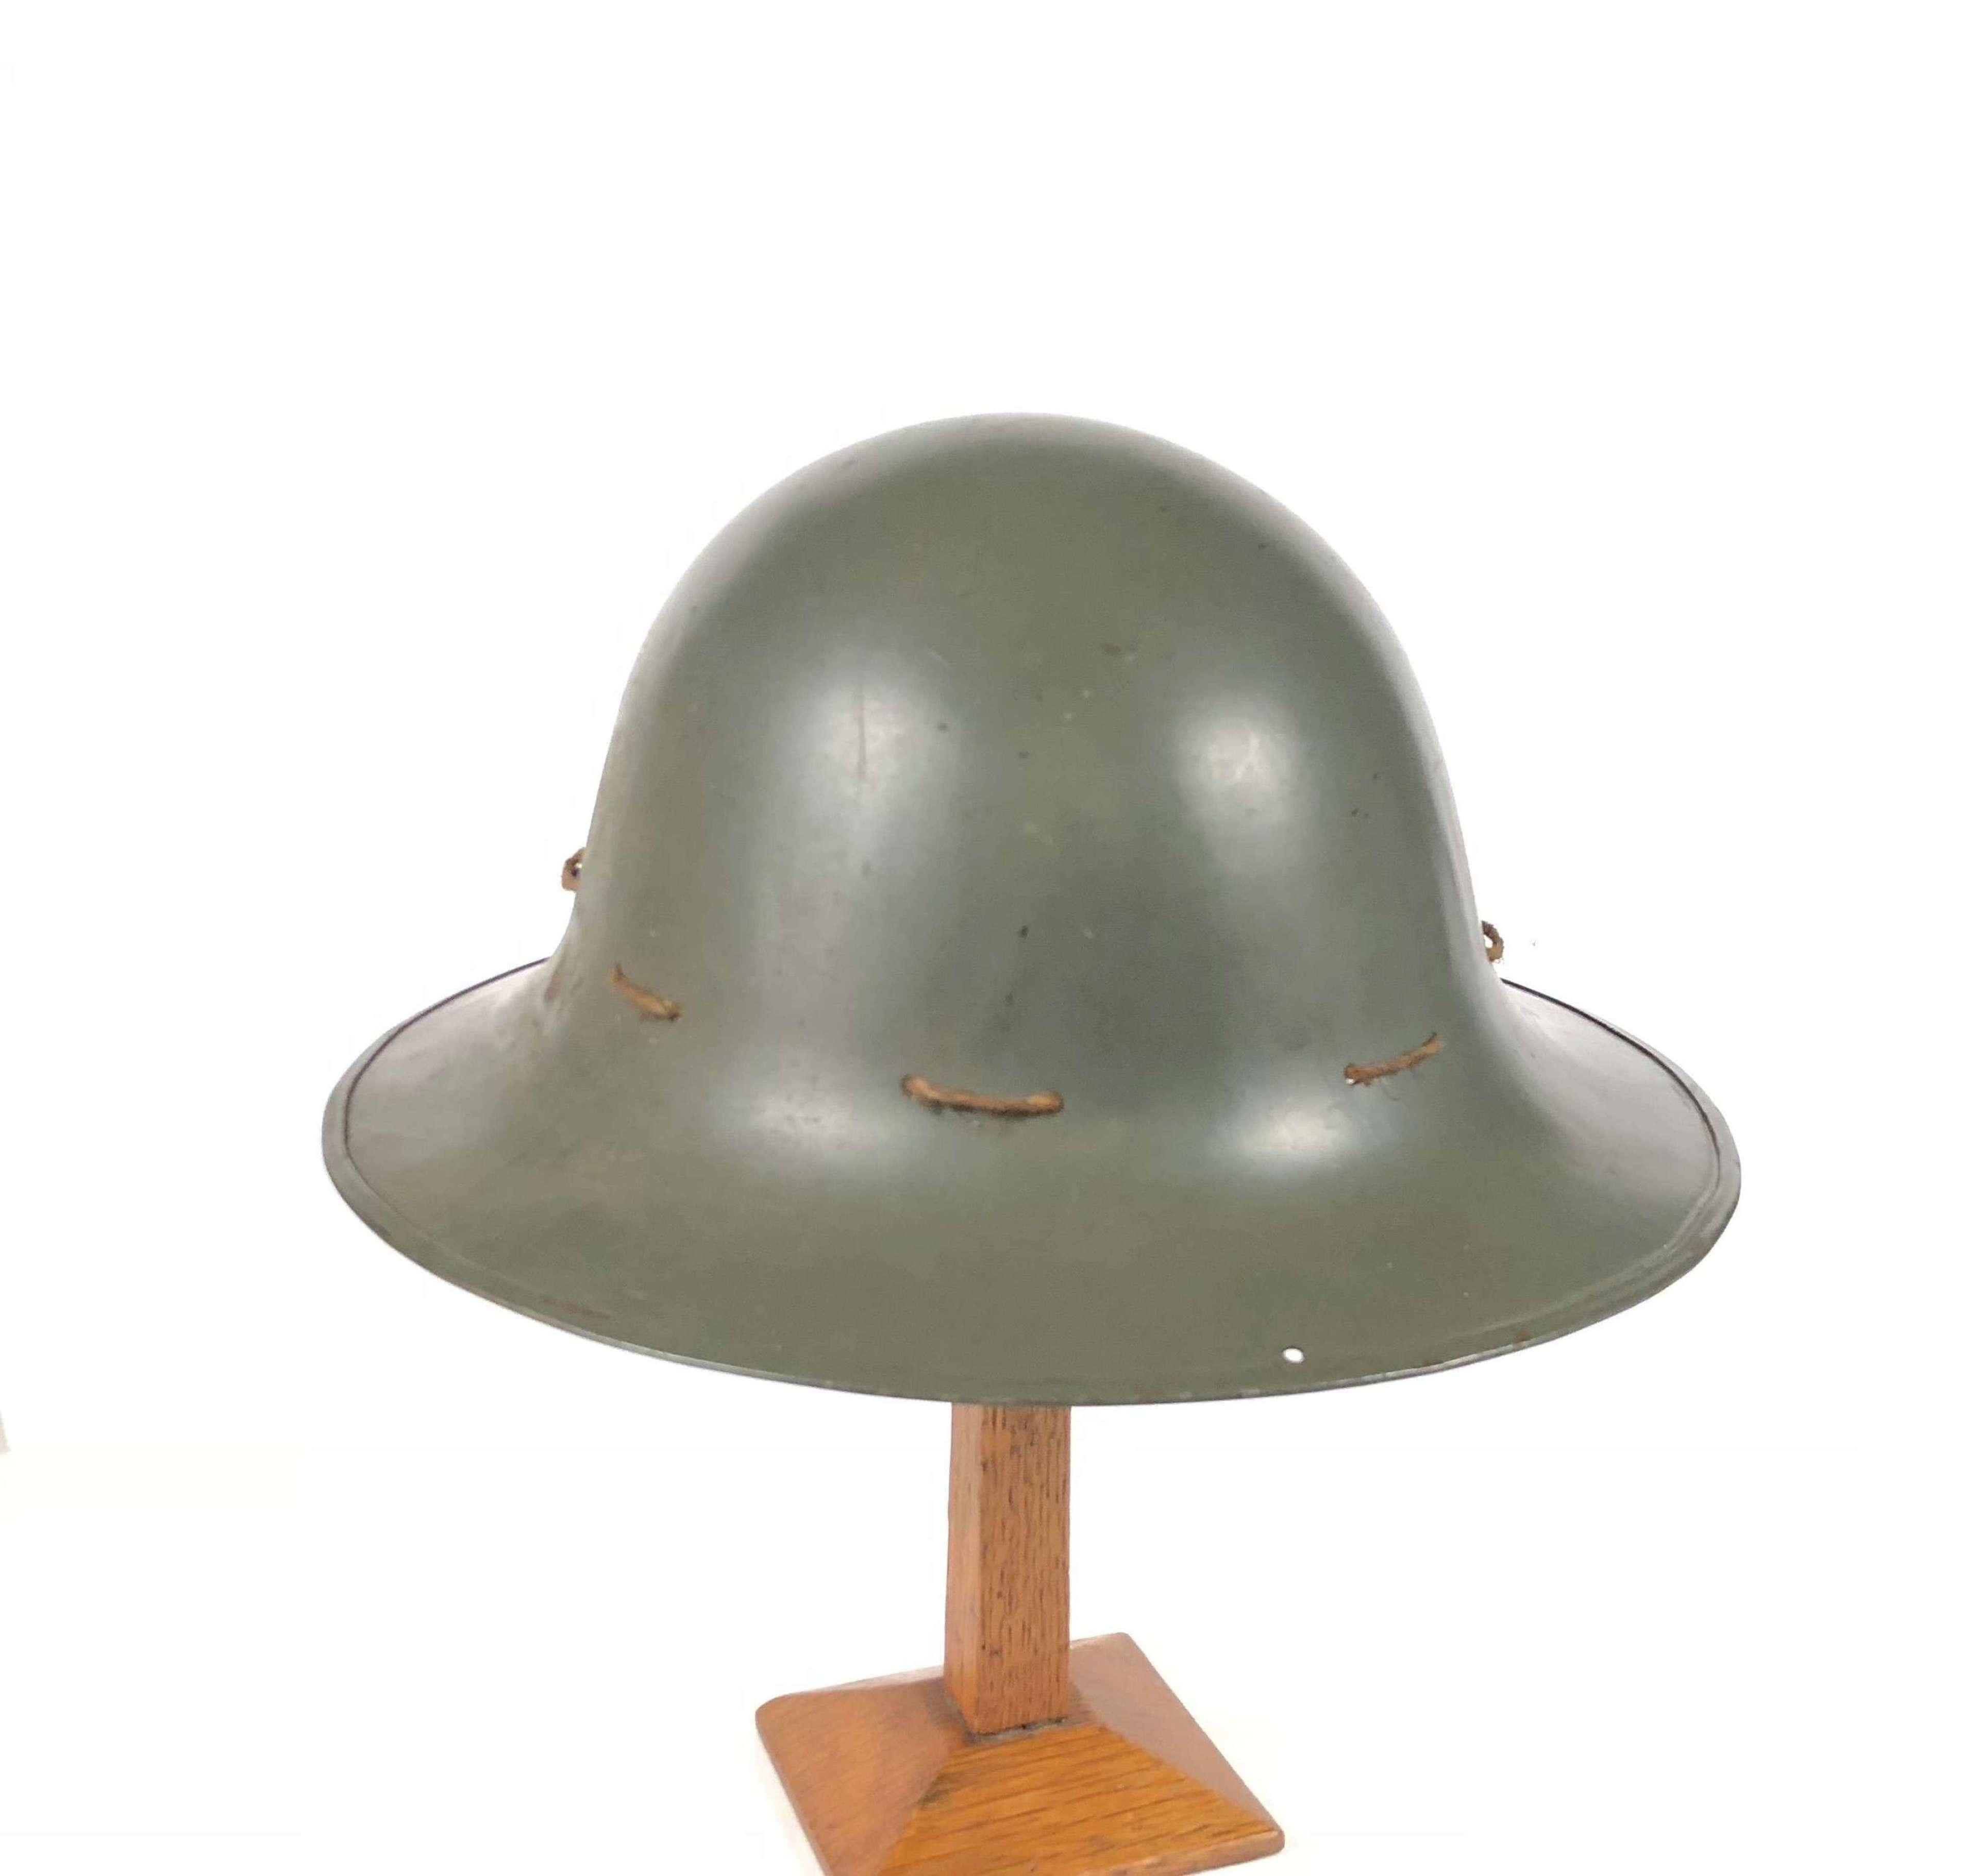 WW2 1941 Home Front Zuckerman helmet.